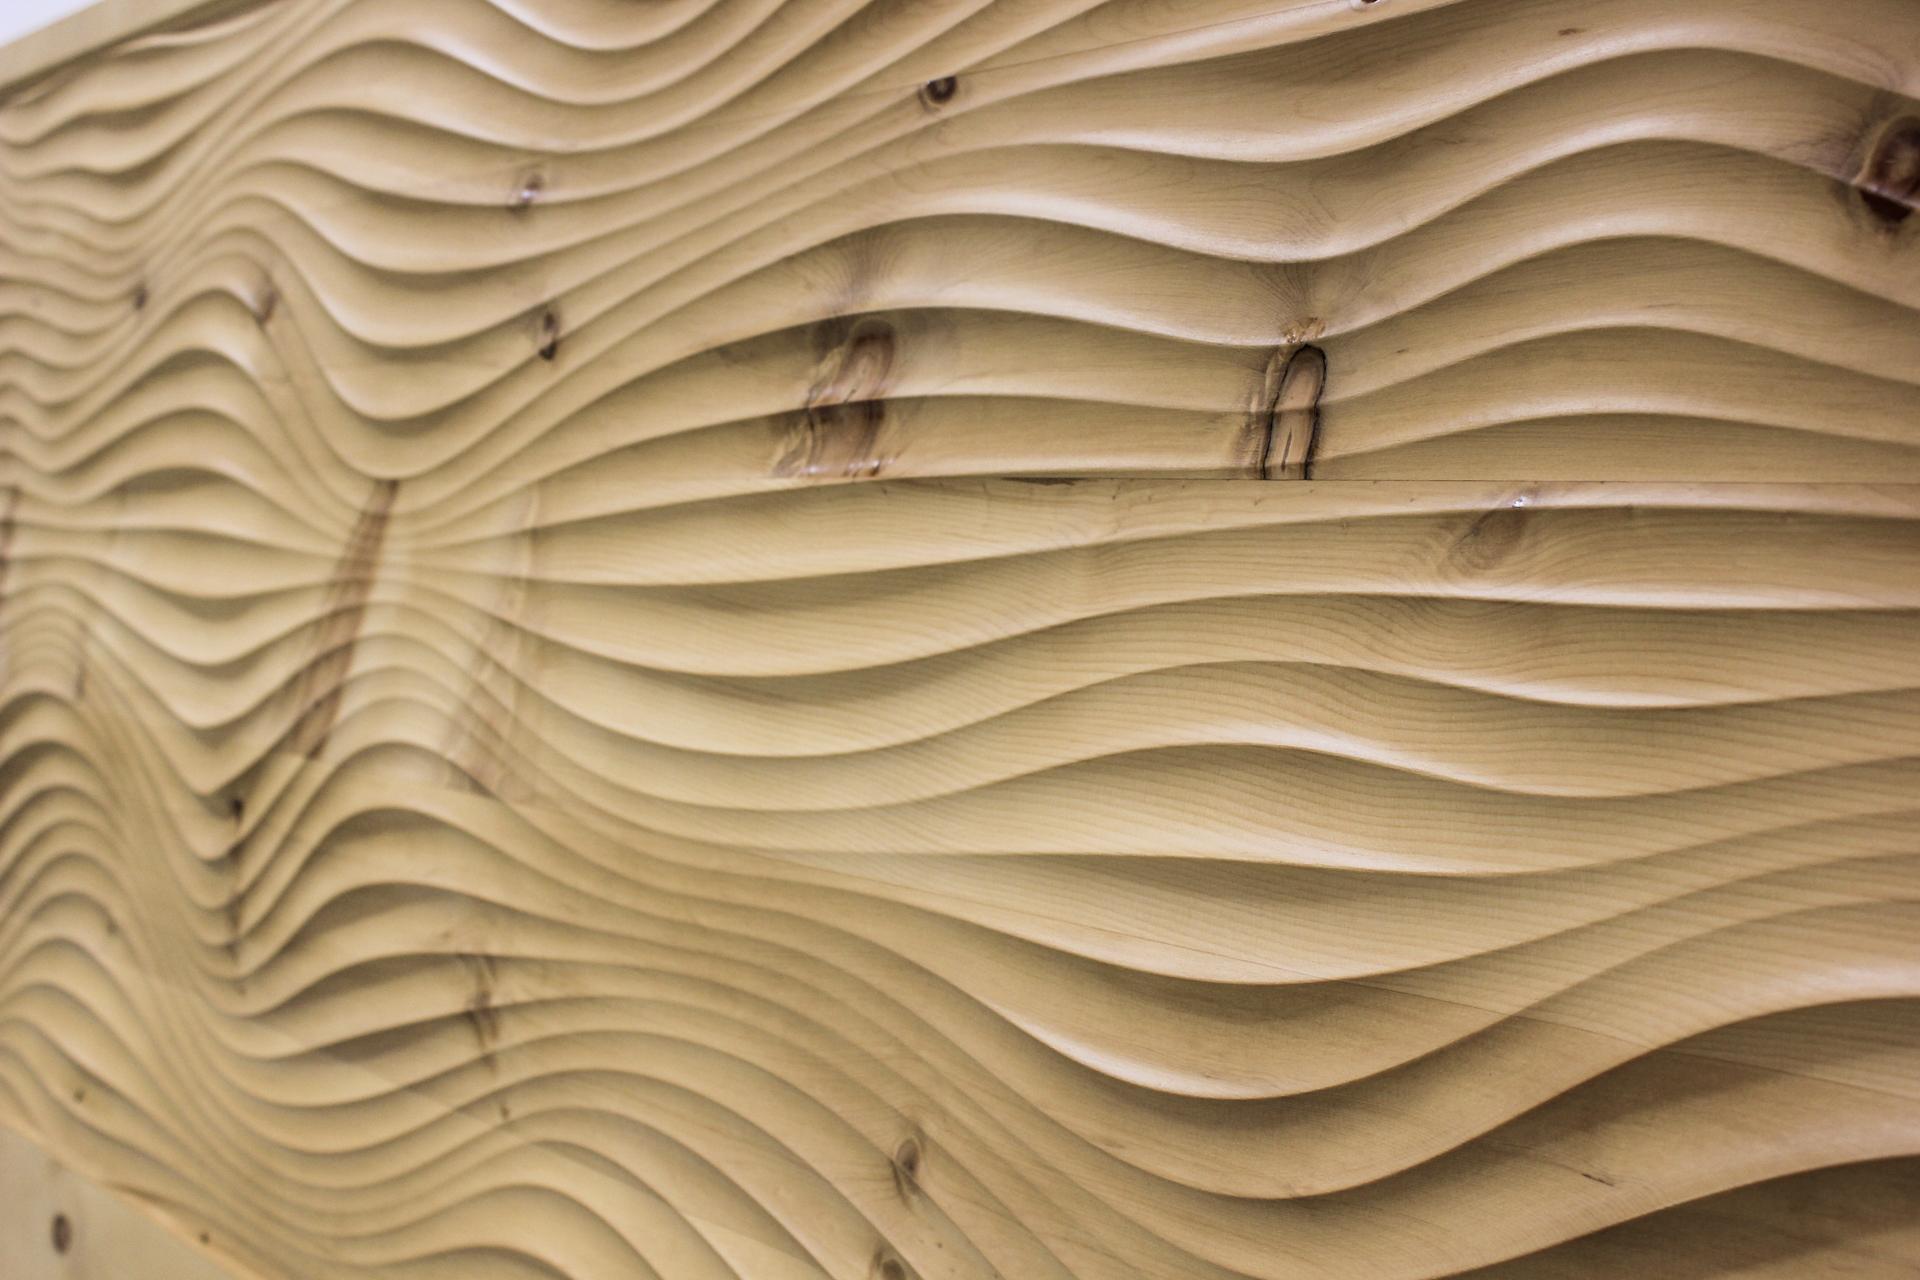 tischlerei-decker-impressionen-strukturen-muster